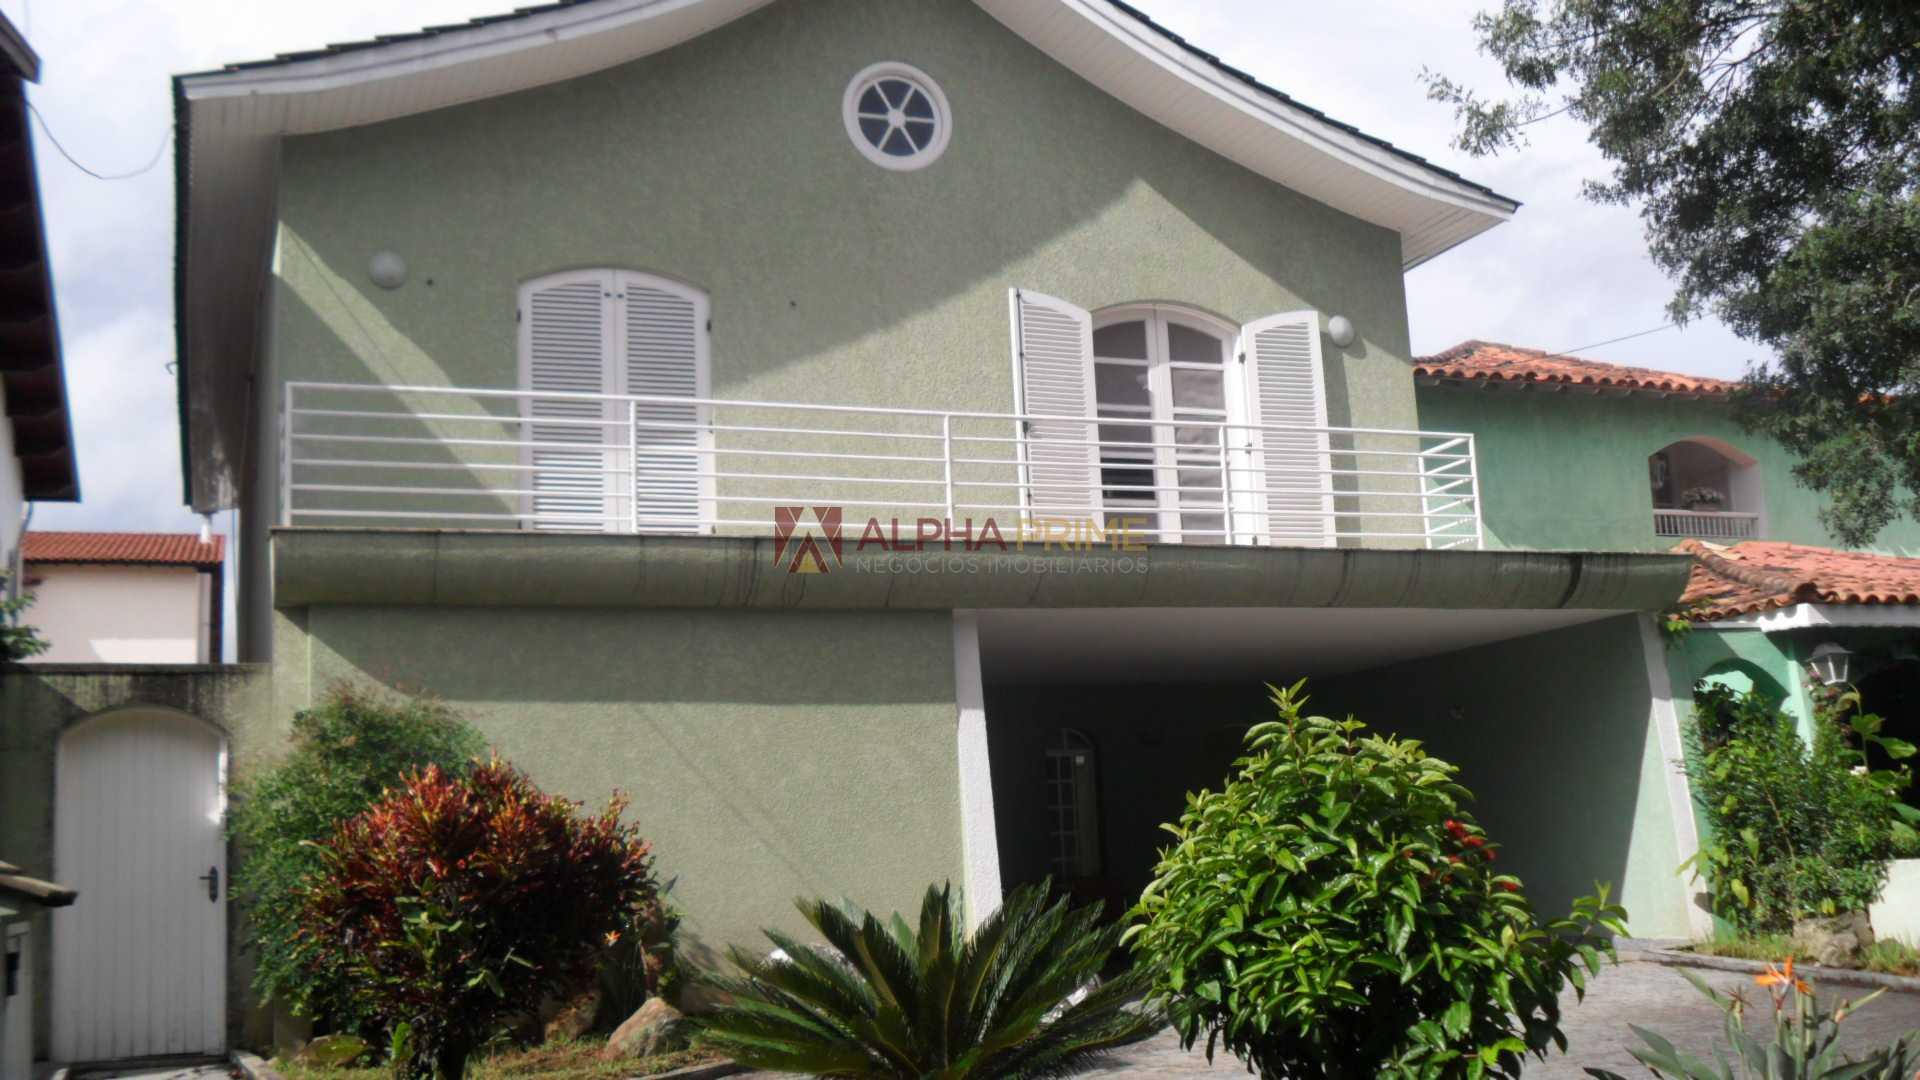 Alpha Prime Apartamentos casas e outros imóveis em Alphaville #4B5E32 1920 1080